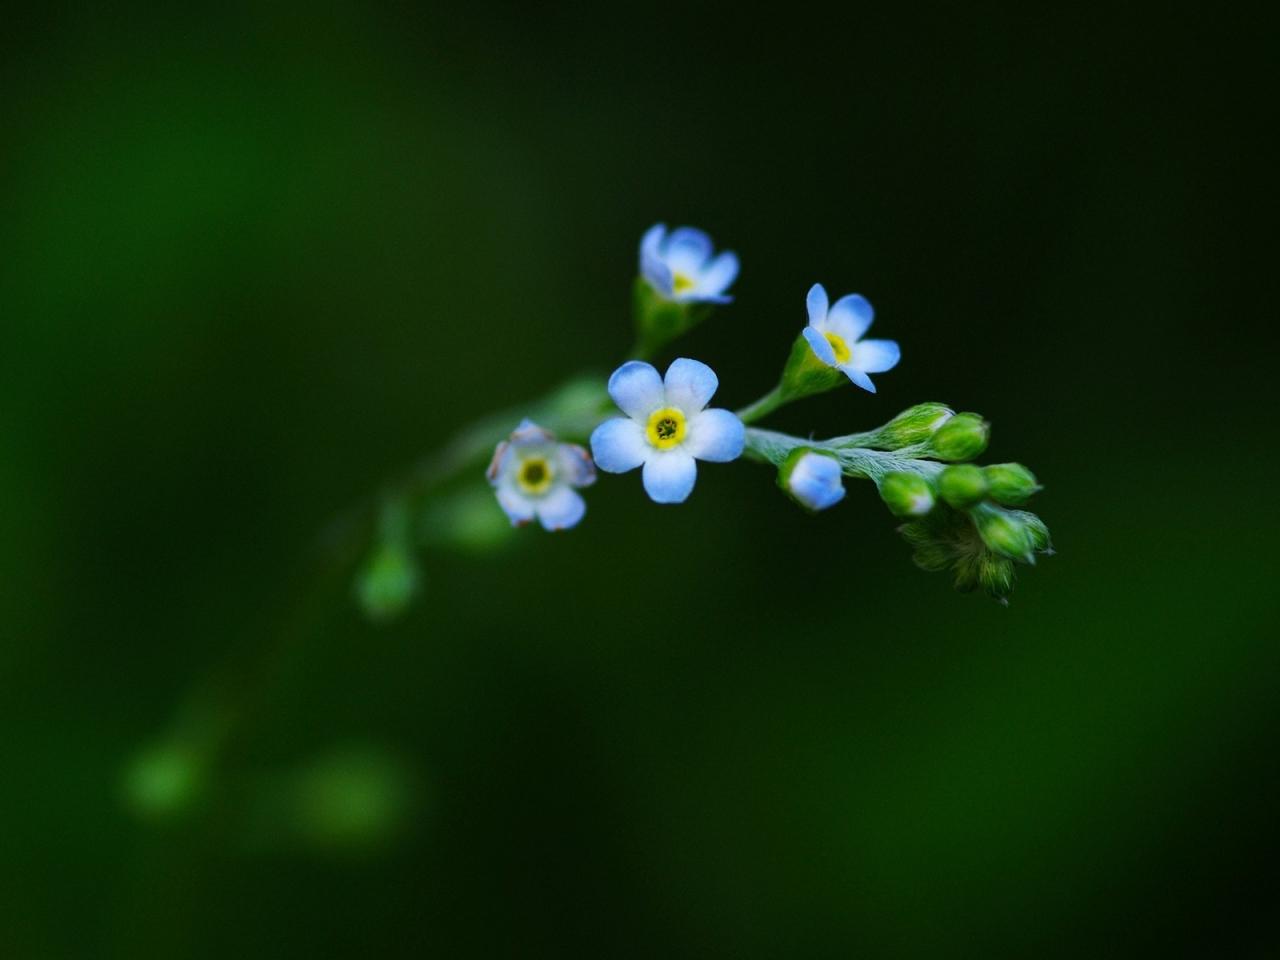 Flores en miniaturas - 1280x960